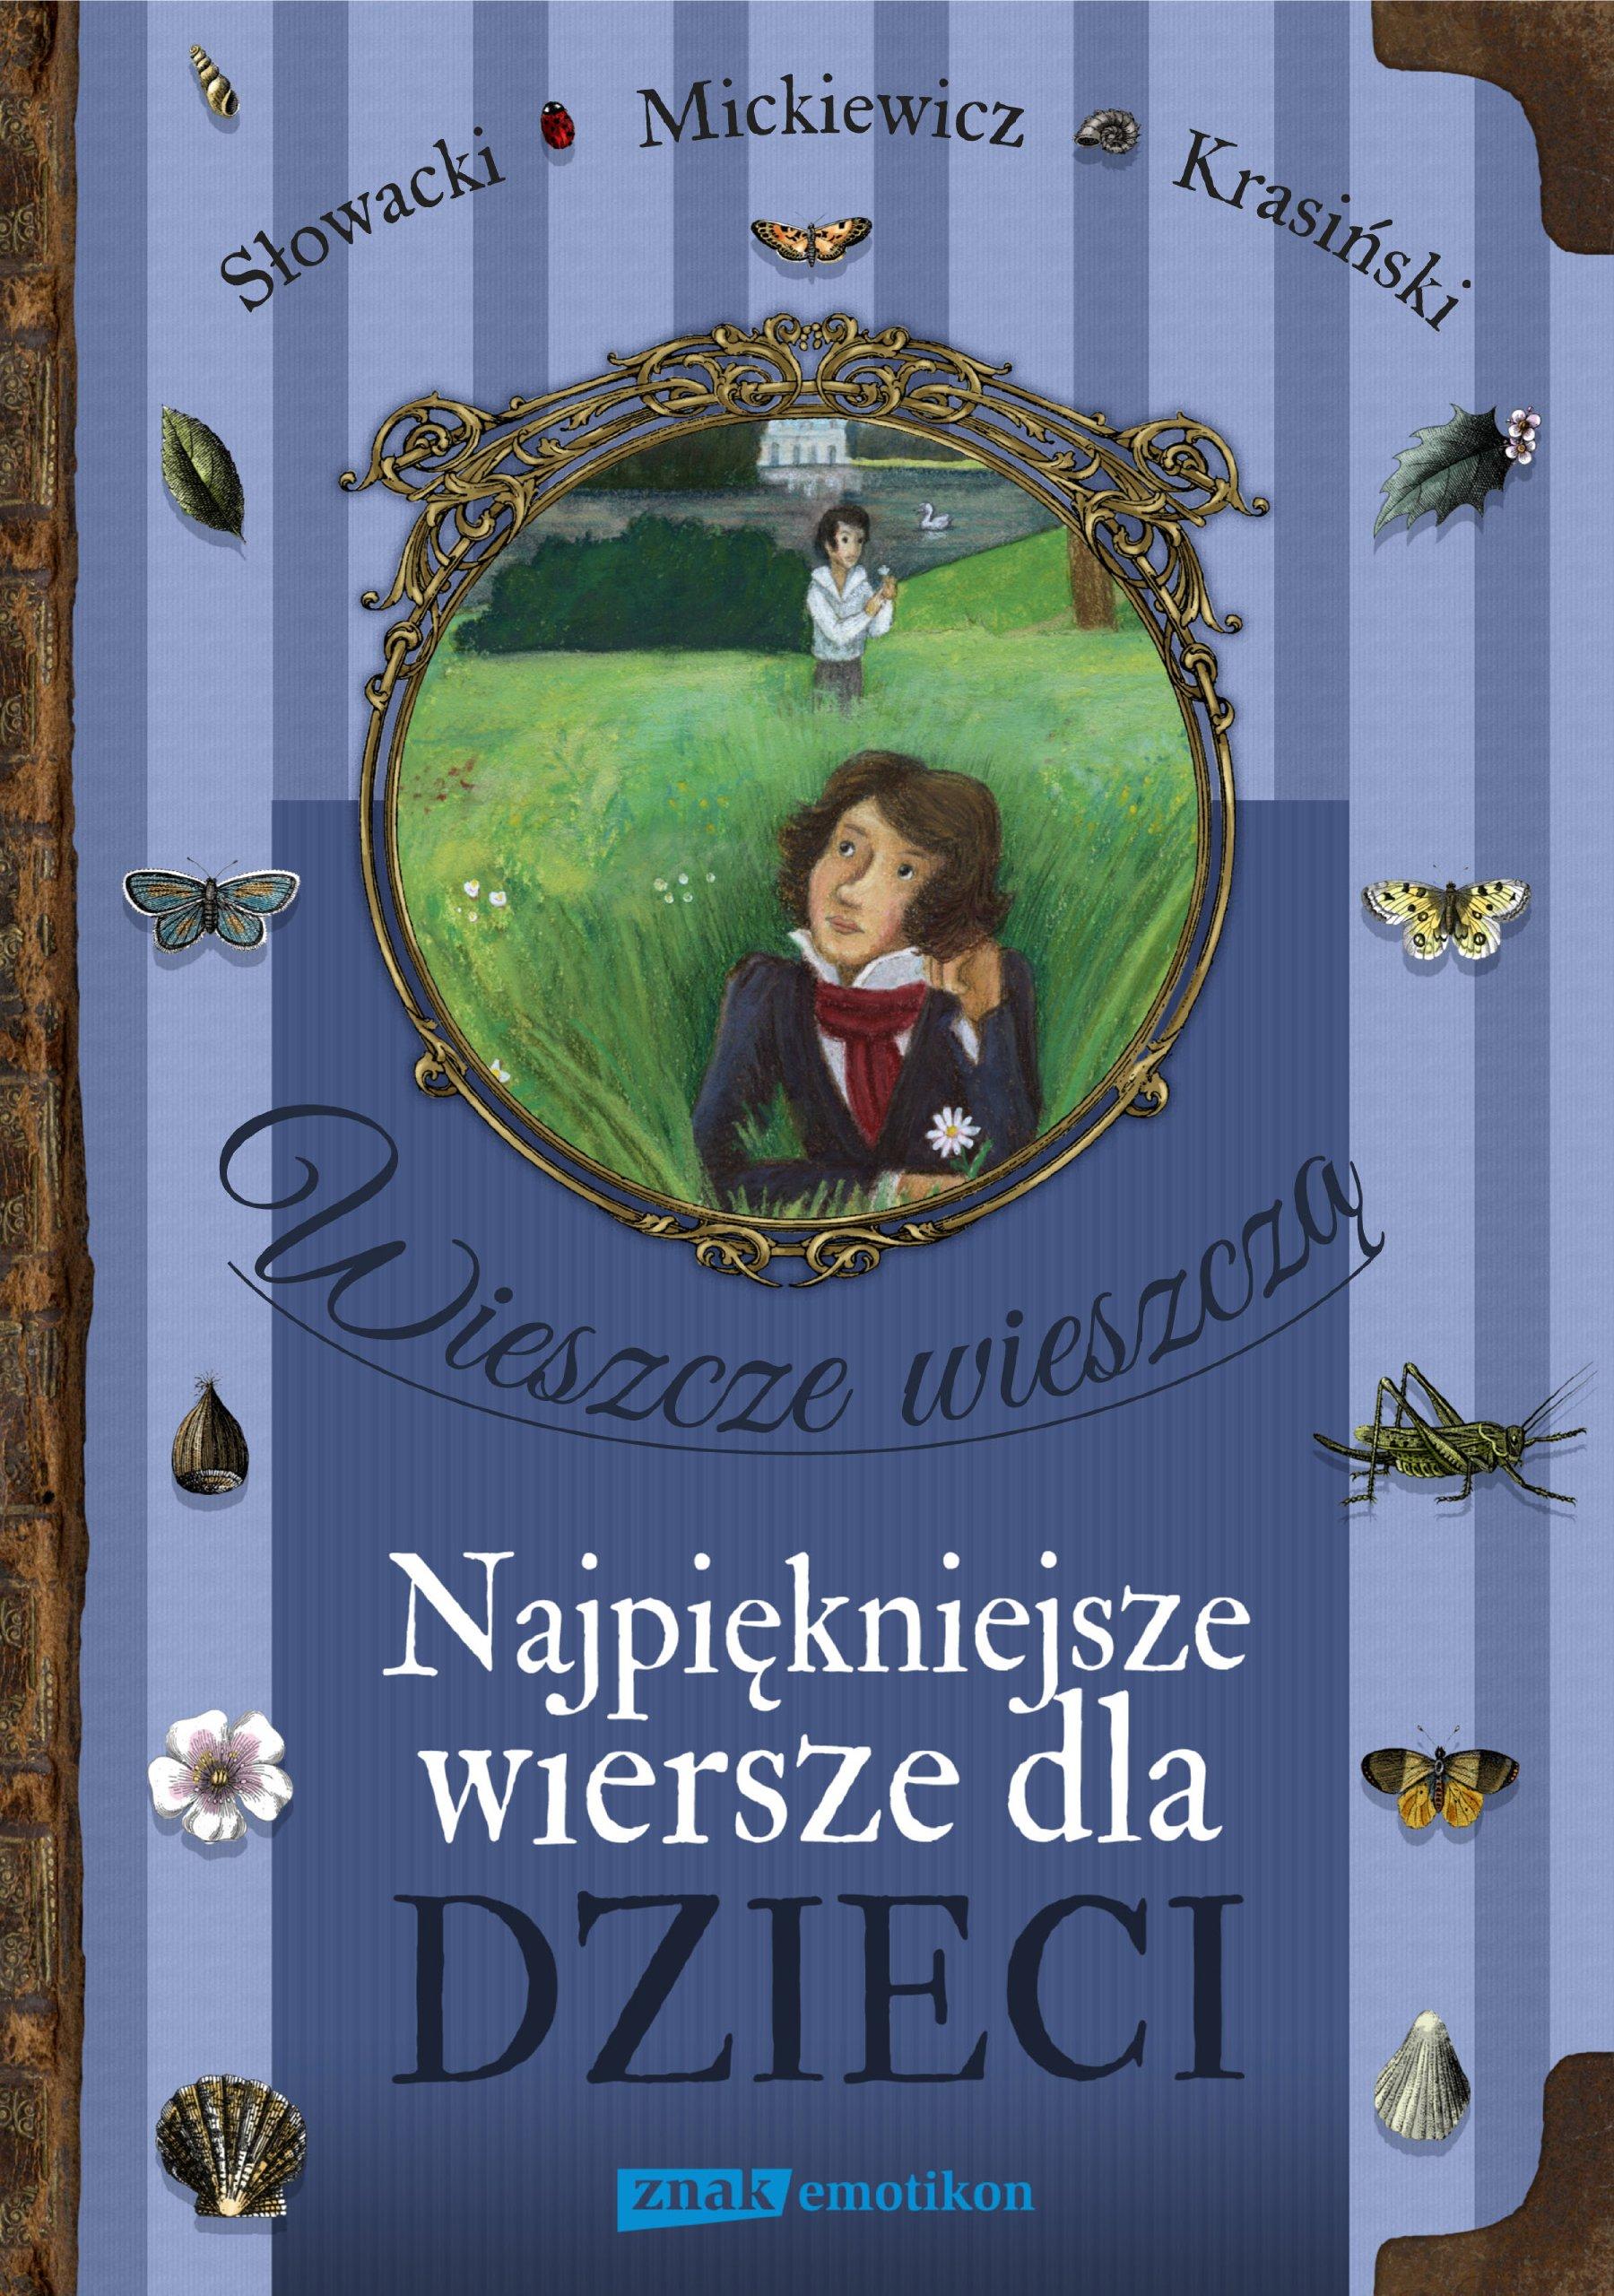 Wieszcze Wieszcza Najpiekniejsze Wiersze Dla Dzieci Amazon